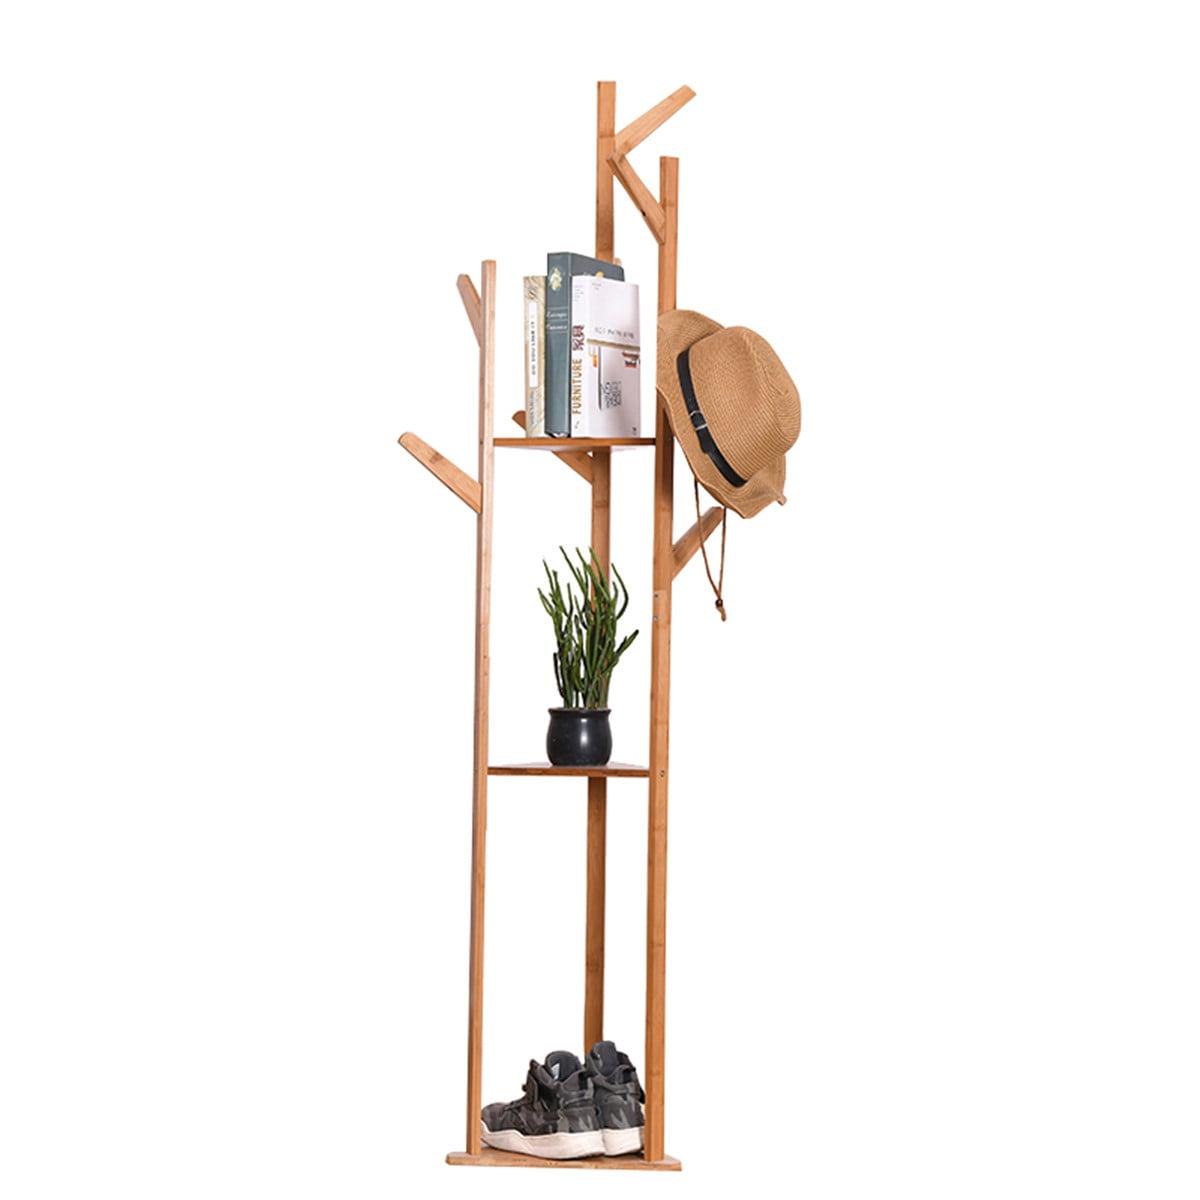 White Suits 8 Hooks Vintage Wooden Tree Coat Rack Stand Free Standing Coat Rack Hallway//Entryway Coat Hanger Stand for Clothes Floor Coat Rack